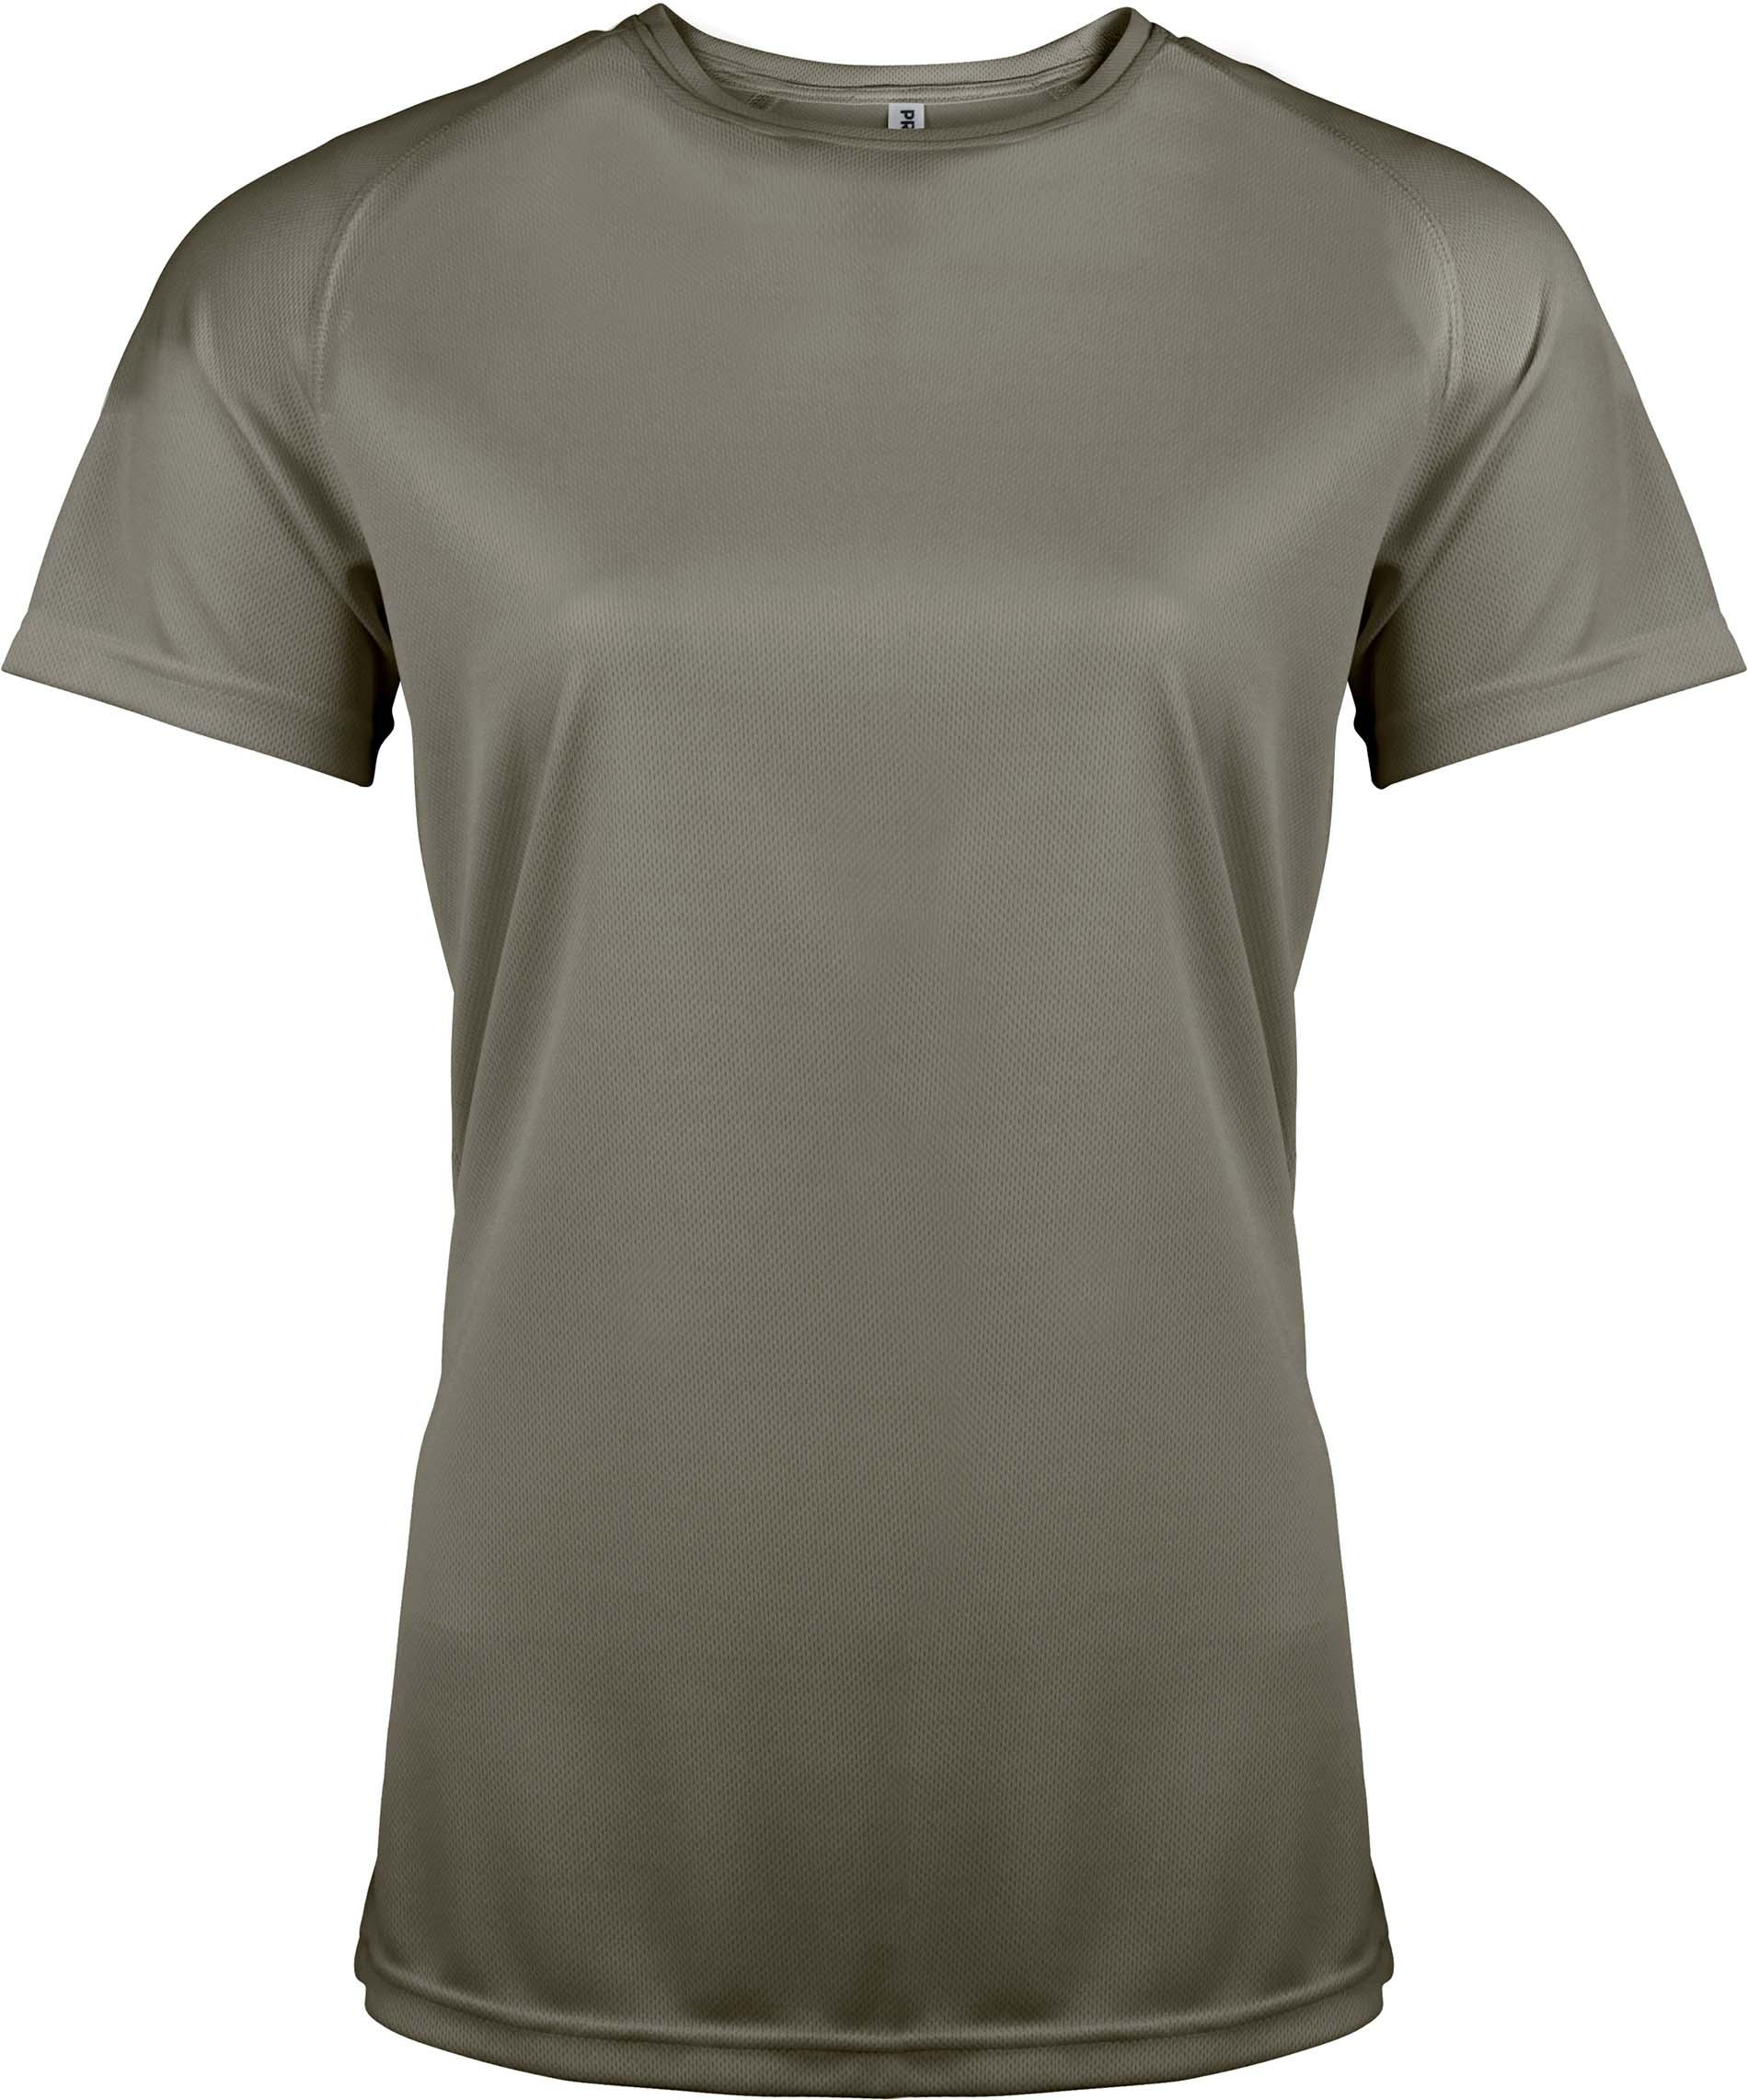 Naisten tekninen T-paita PA439 Oliivi